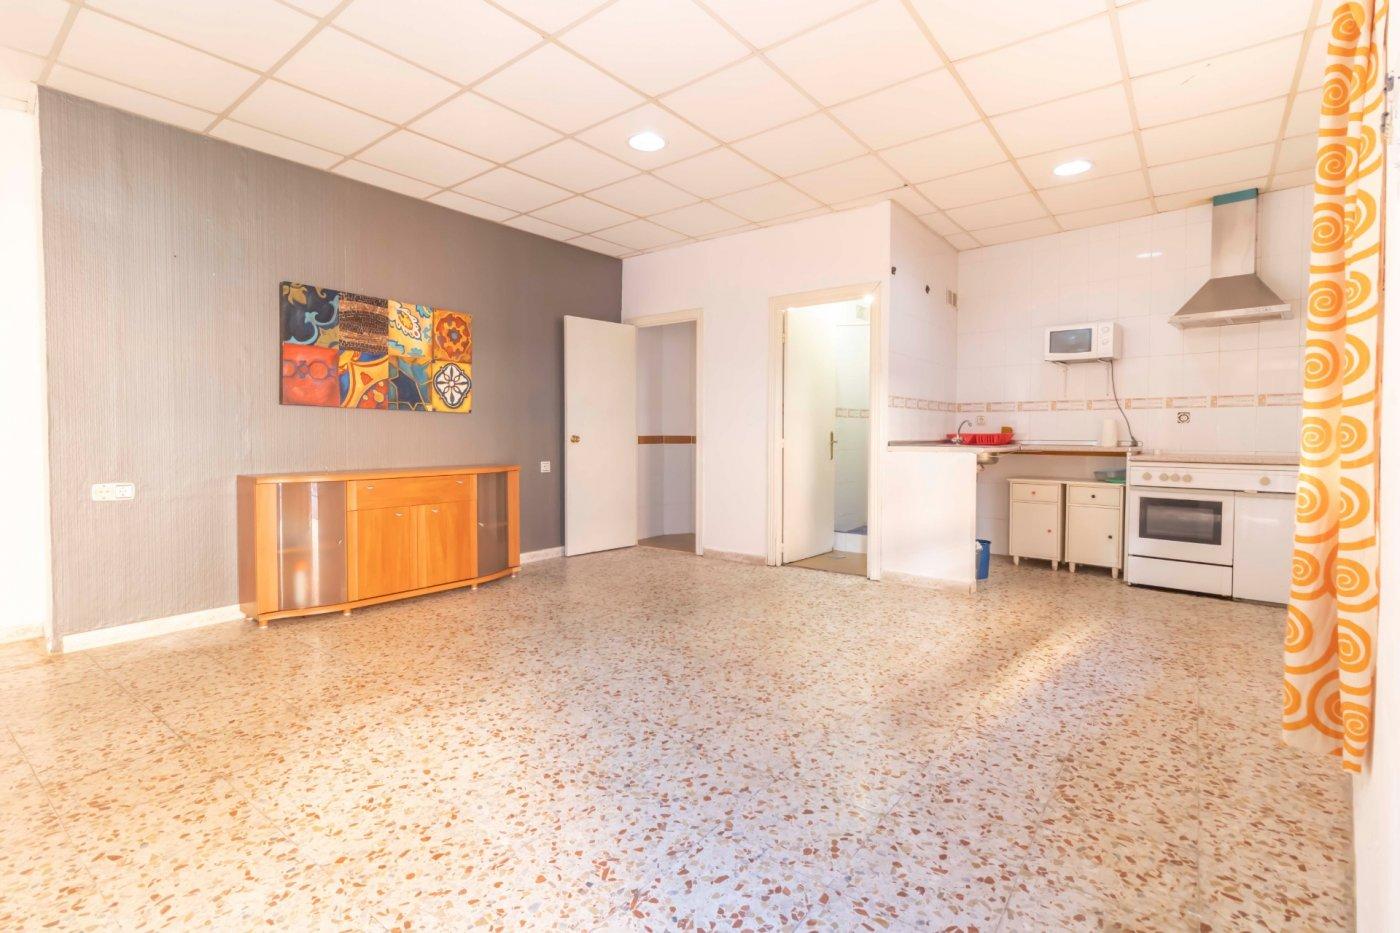 2 pisos a la venta por el precio de uno en zona padre pÍo - imagenInmueble17